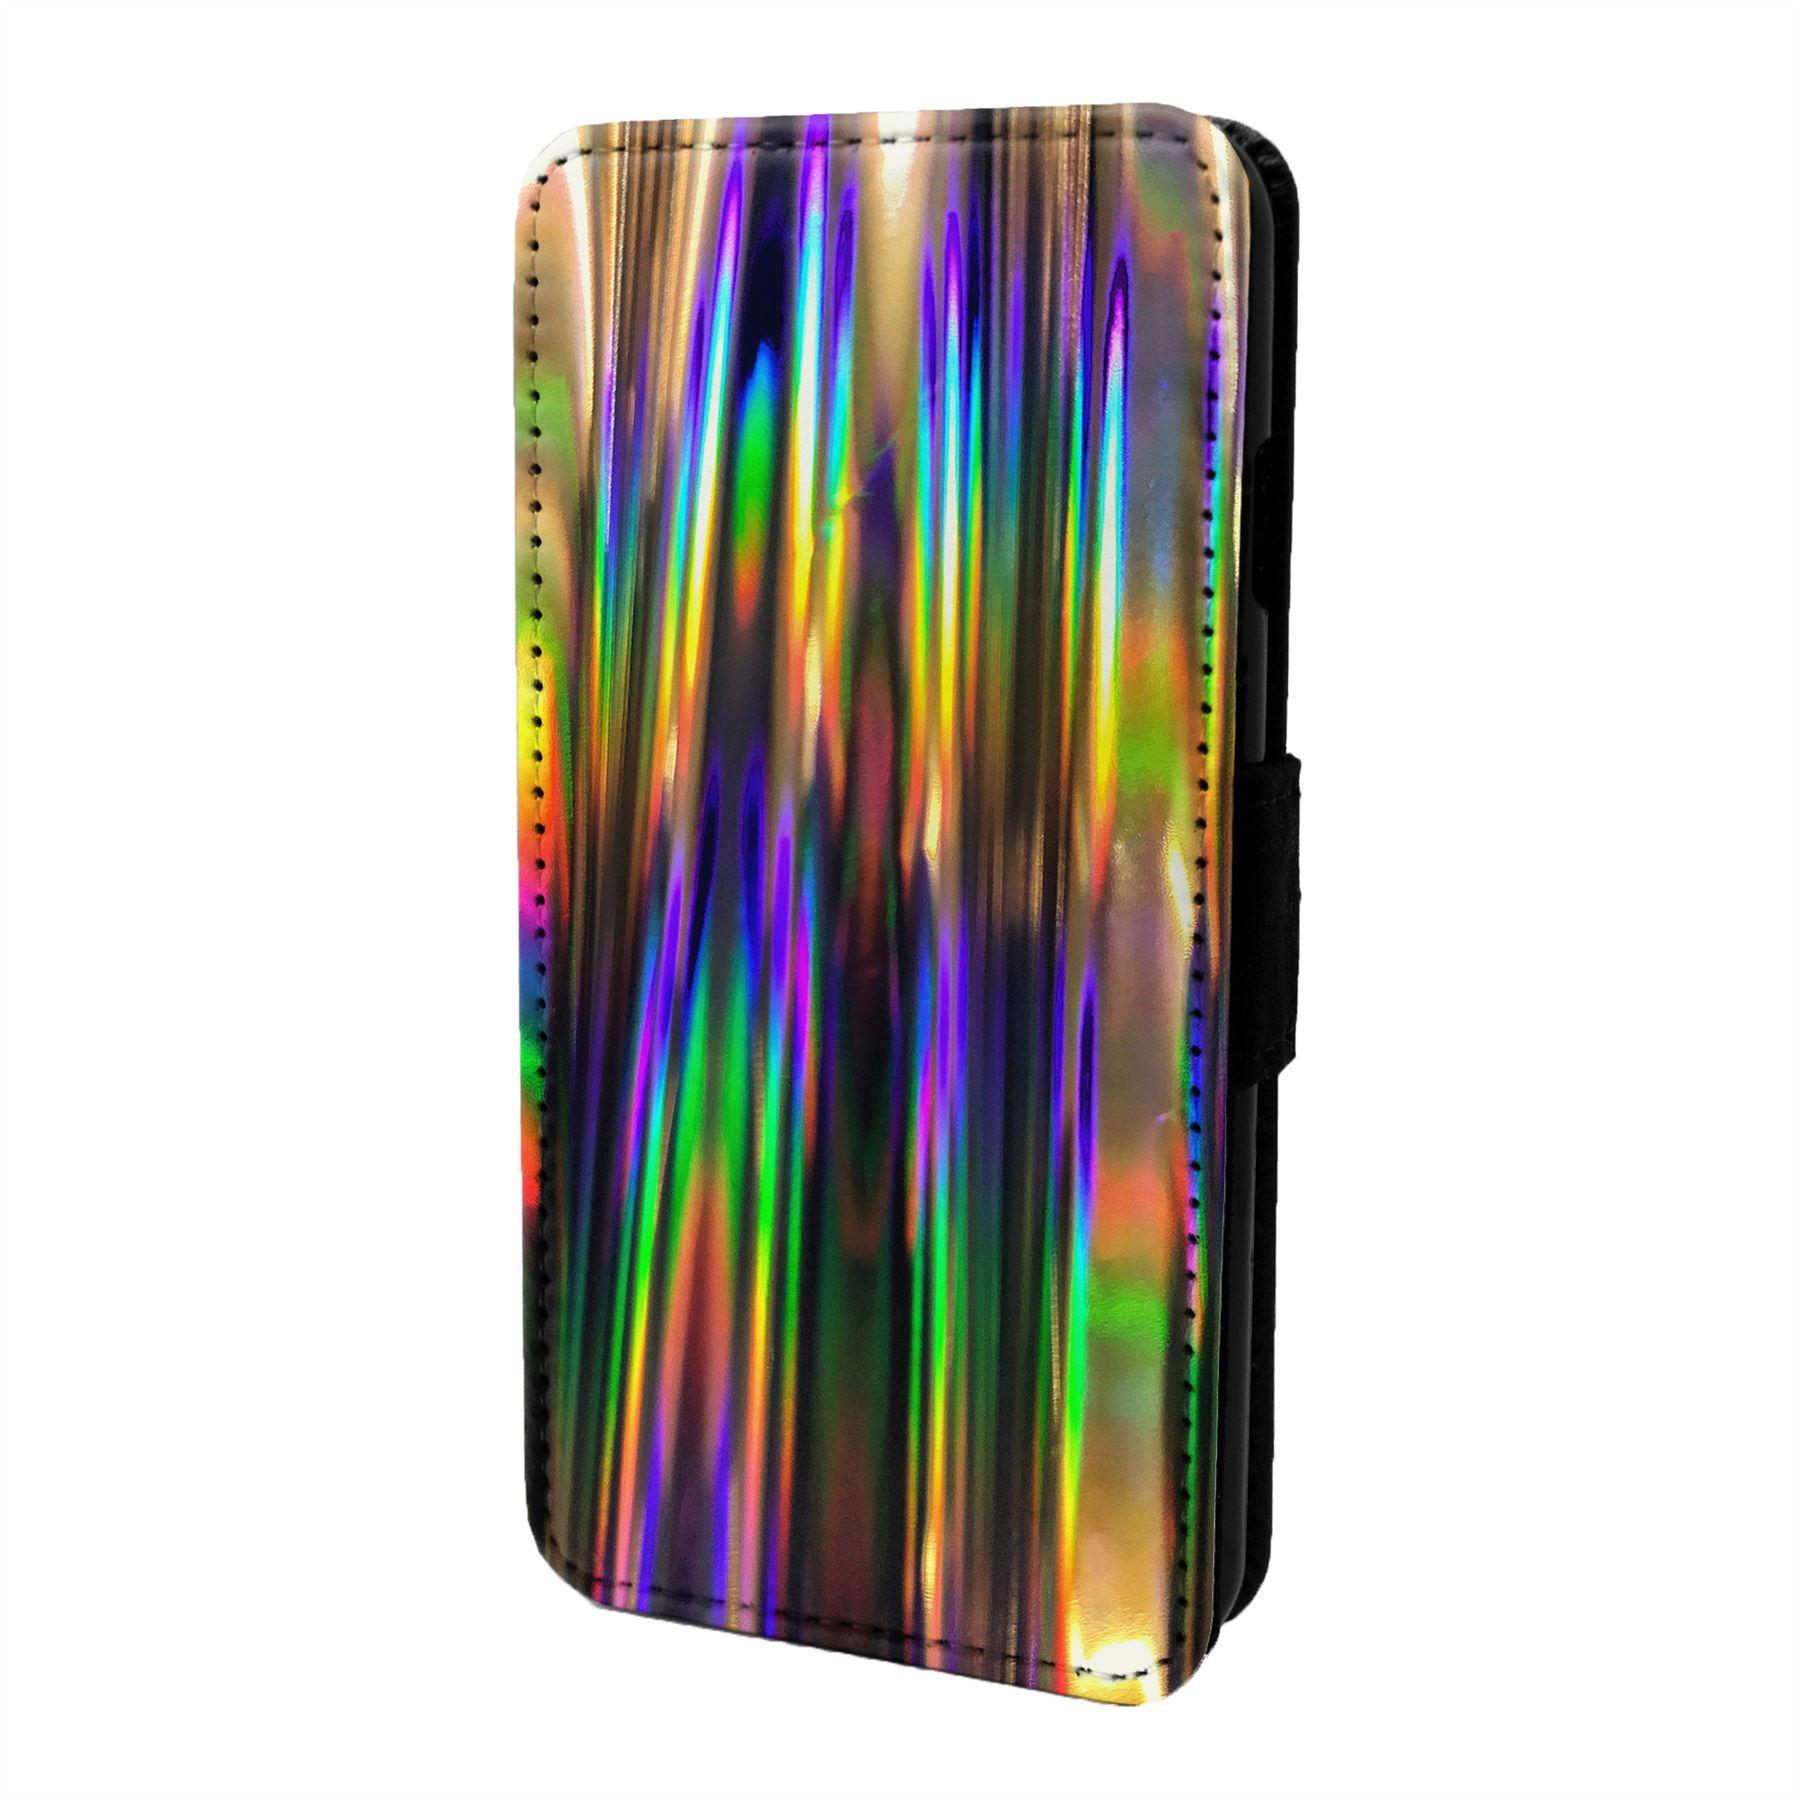 Estampado-Colorido-Funda-Libro-para-Telefono-Movil-S6816